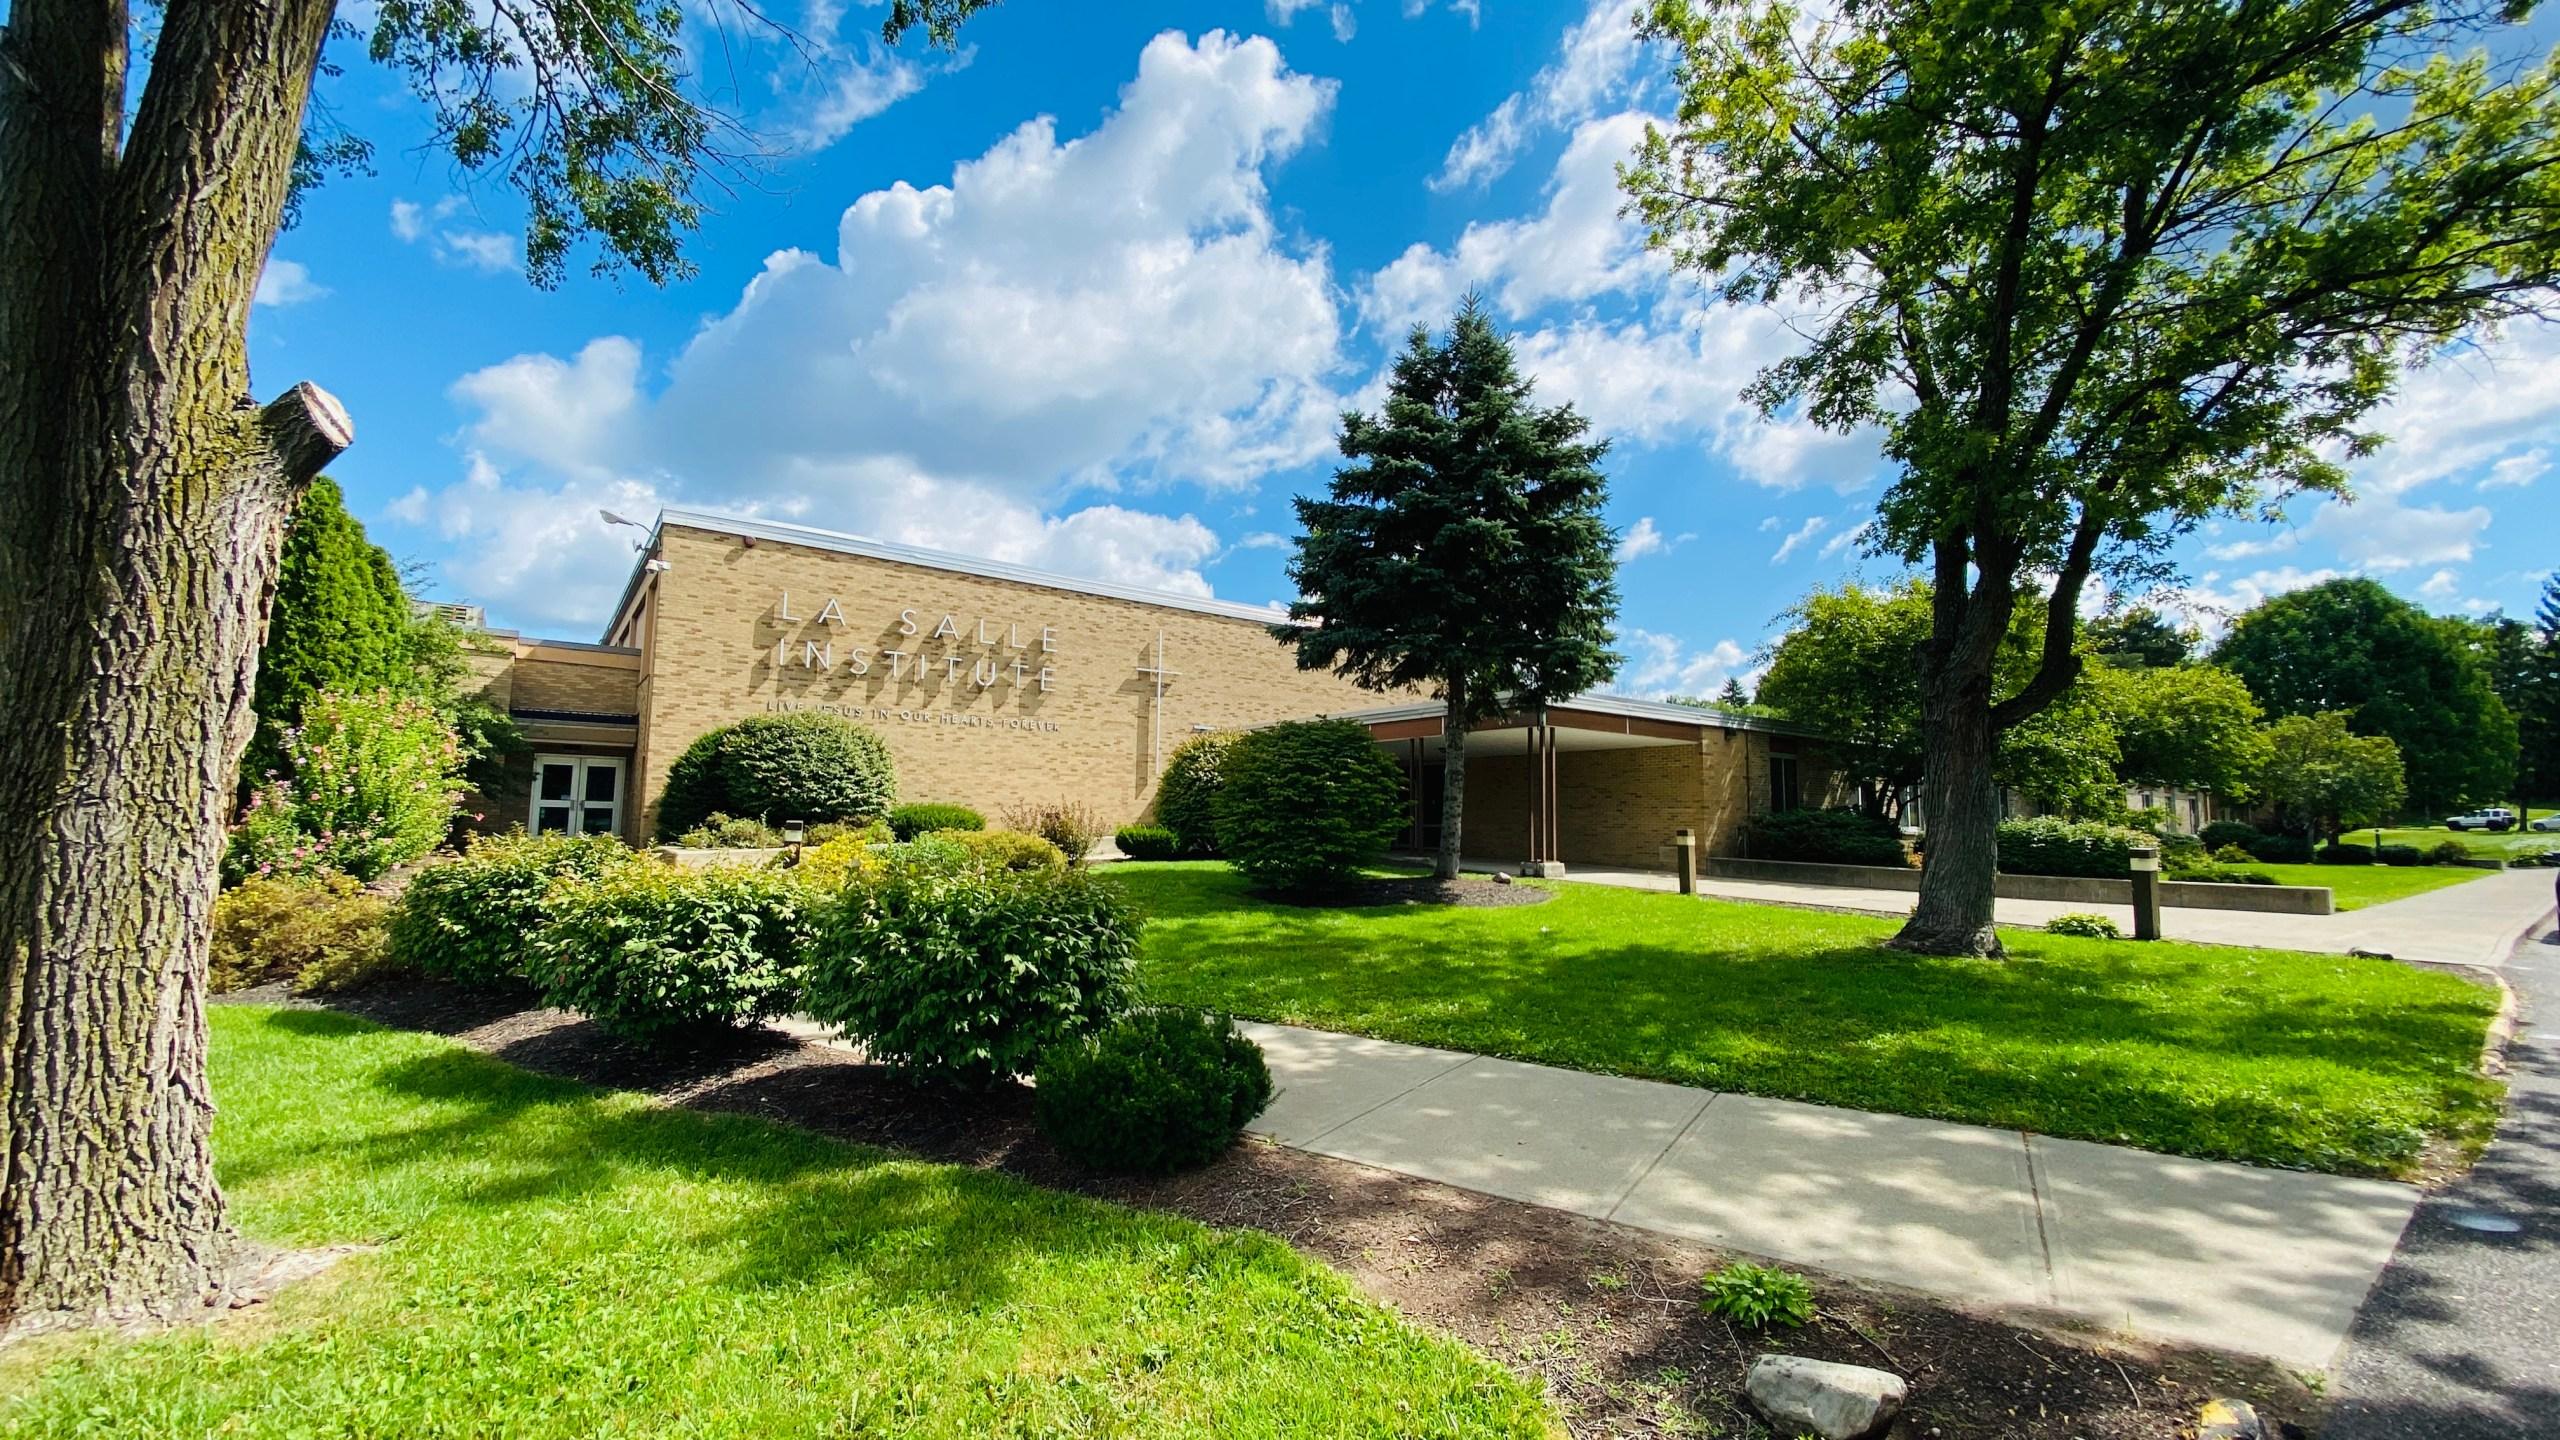 La Salle Institute building